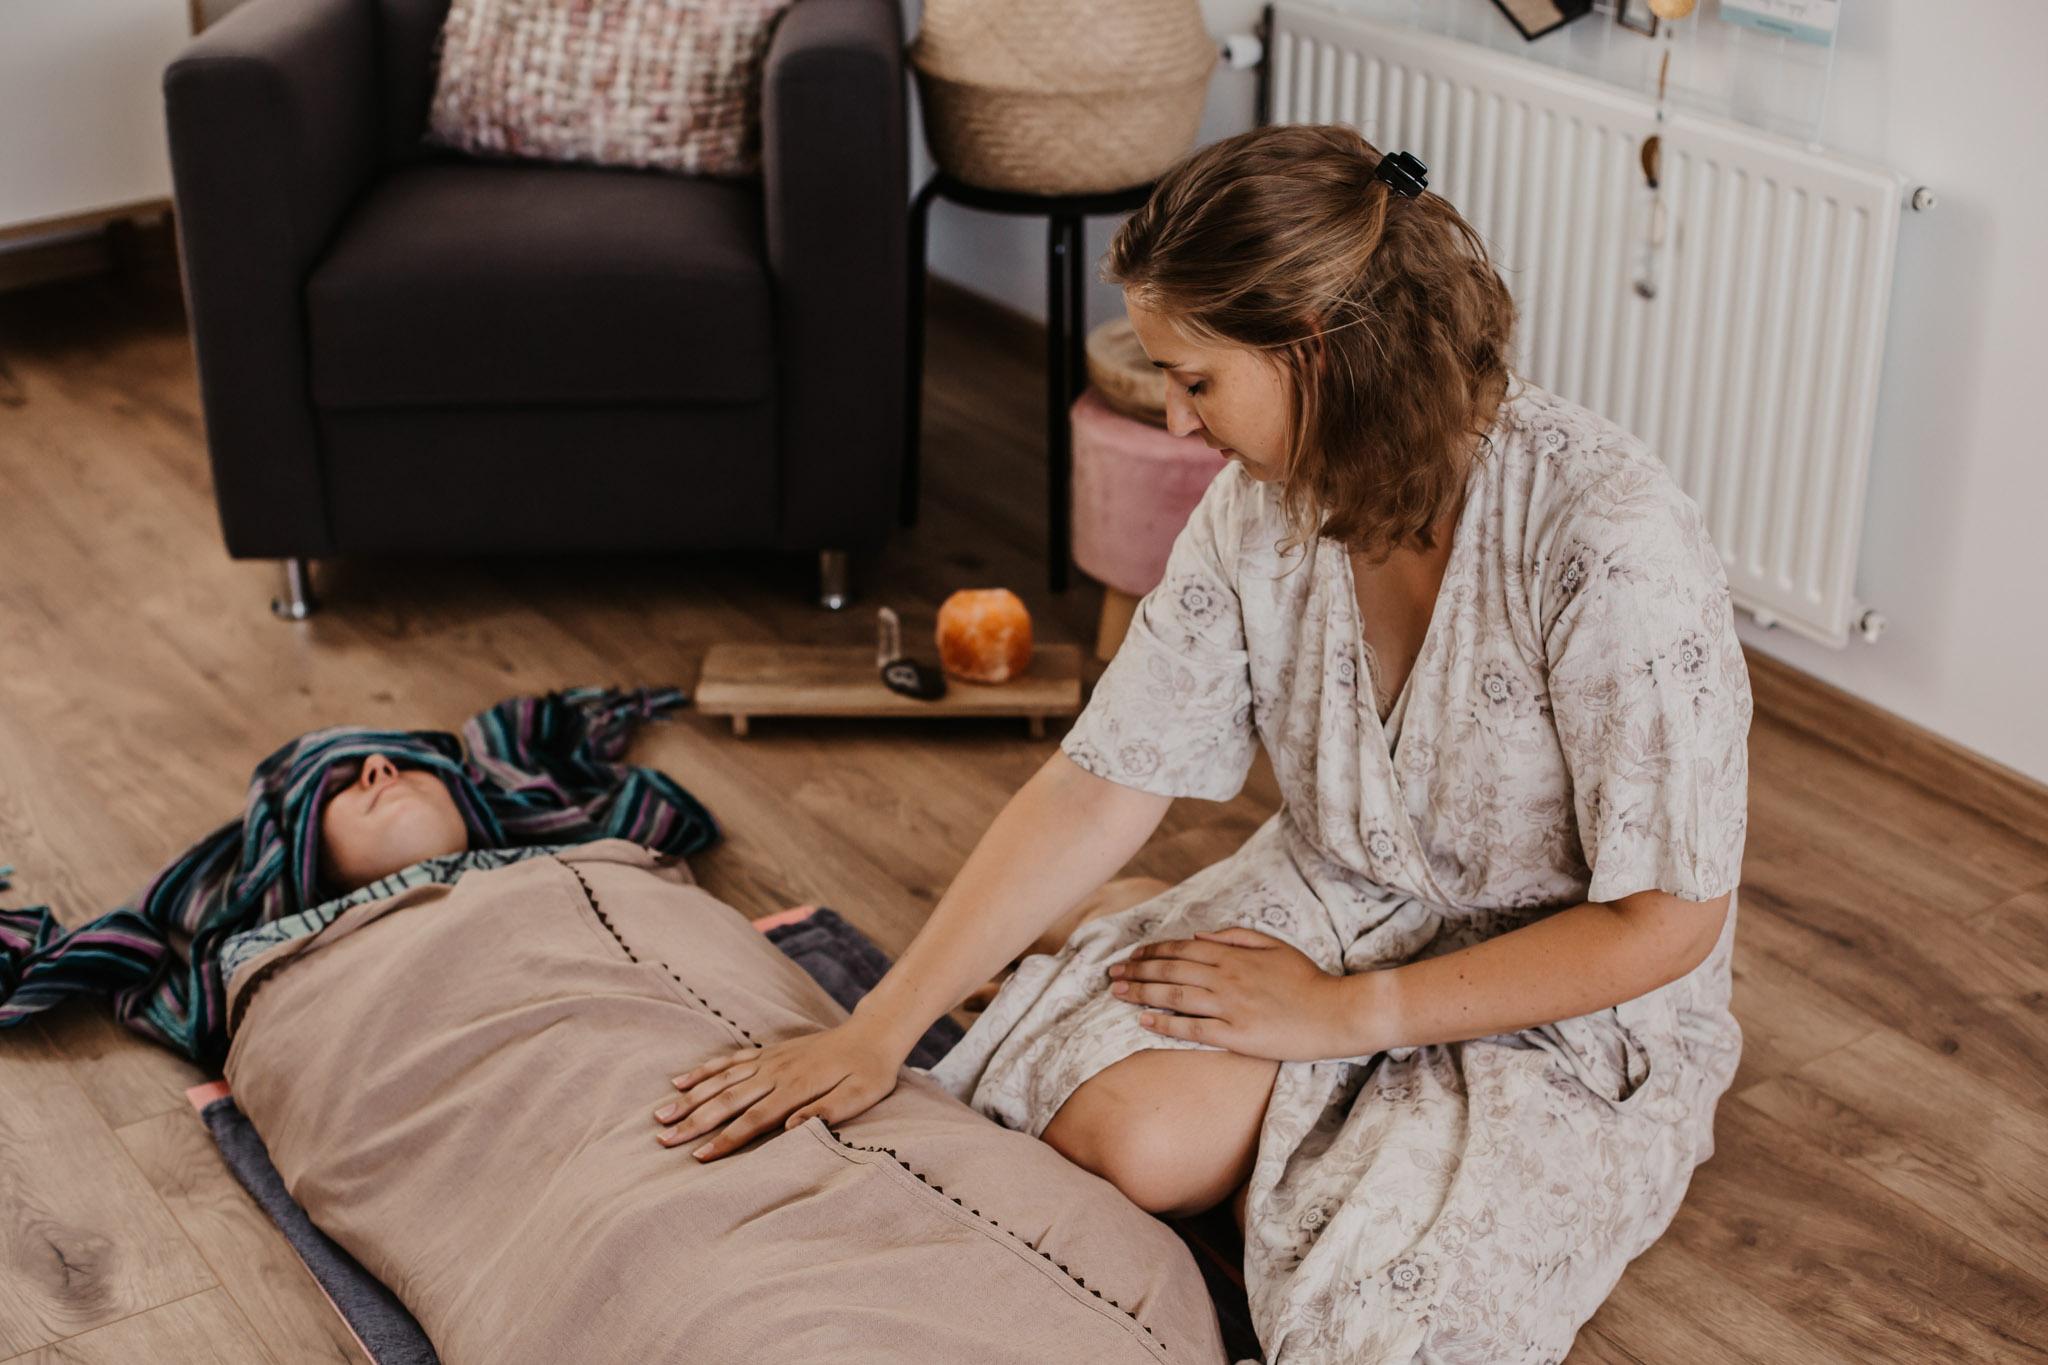 Nicolien-Lettinga-Rebozo-Healing